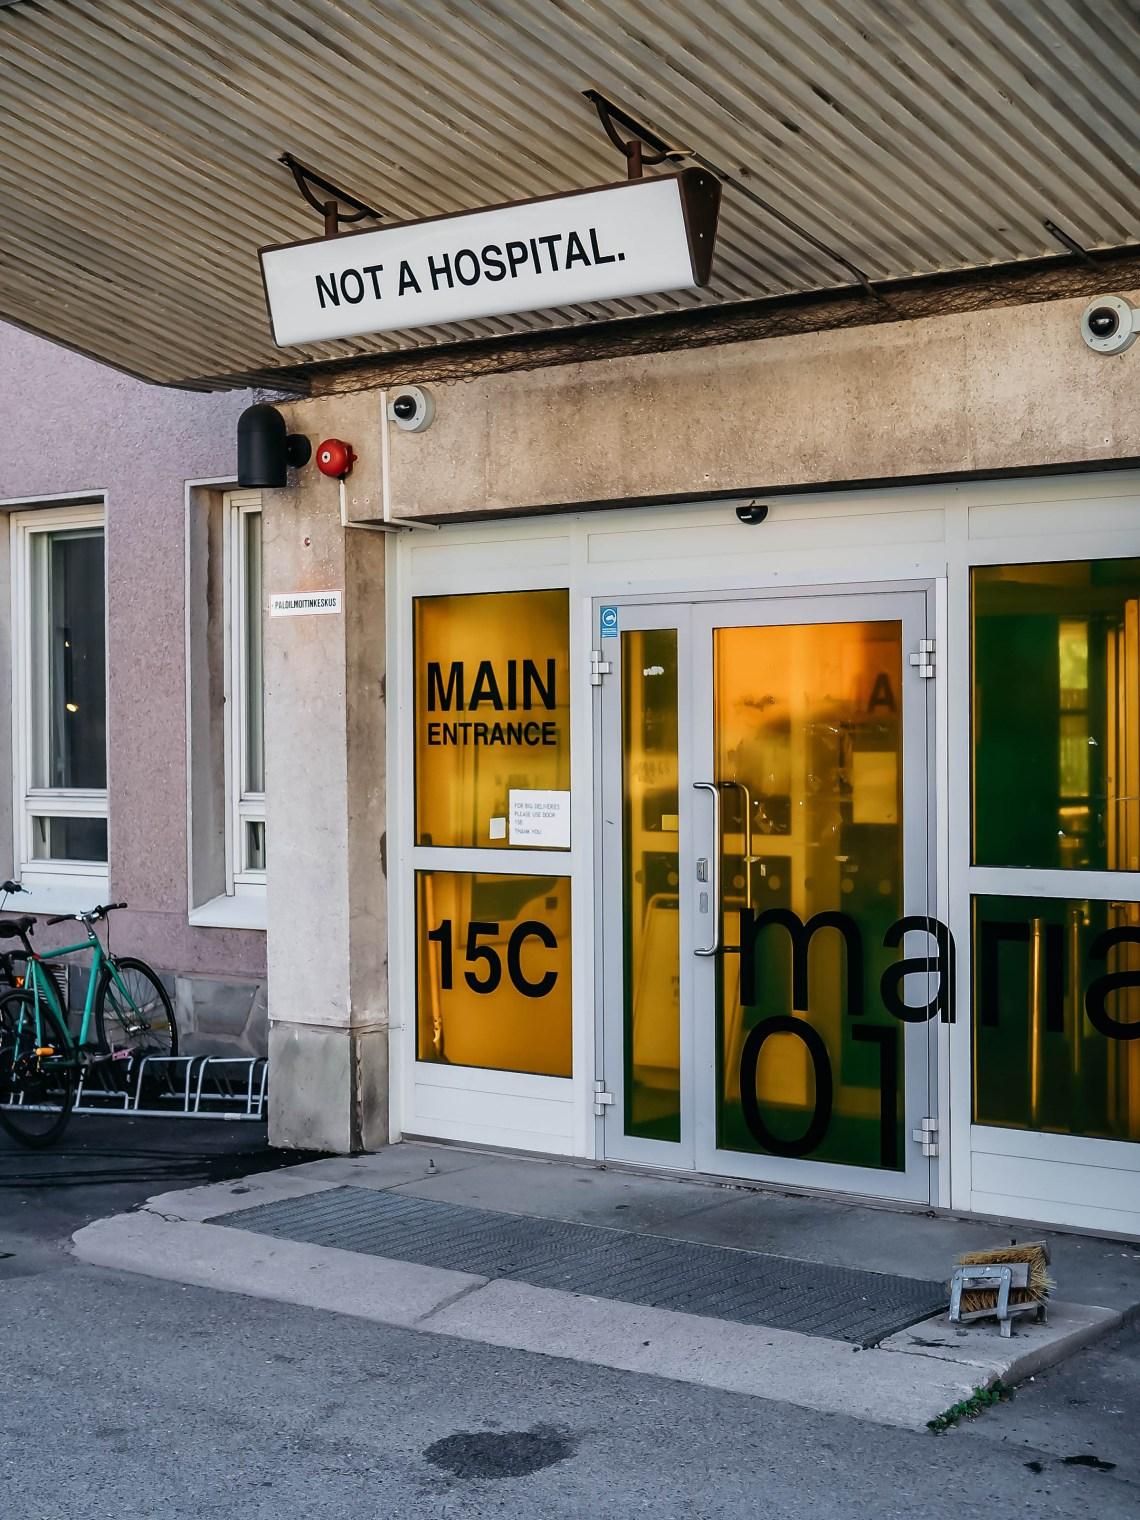 Marian sairaala